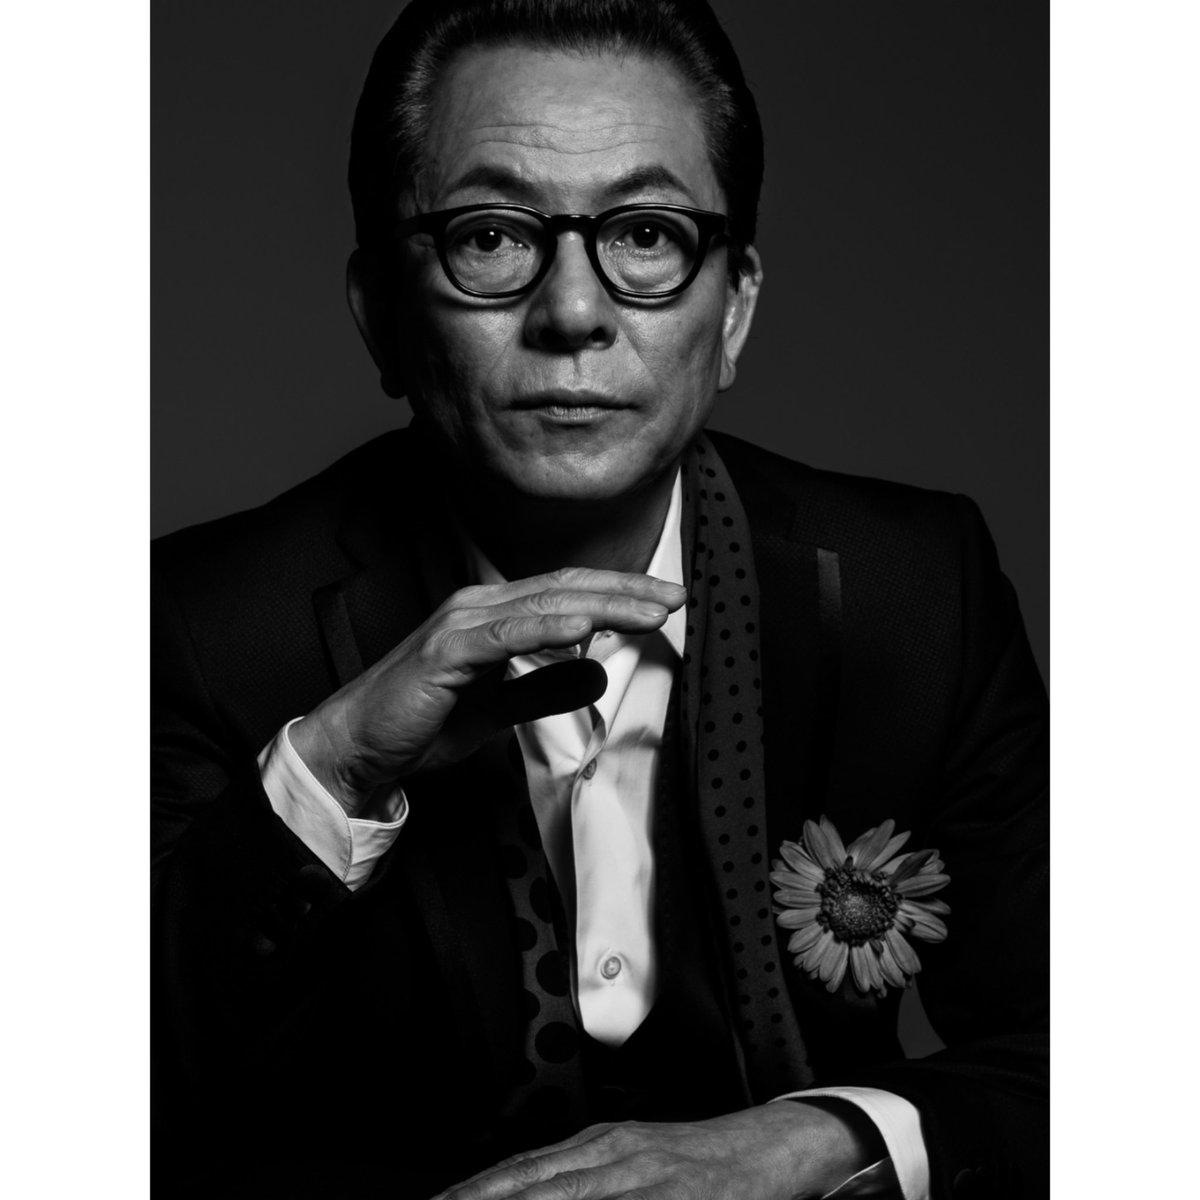 #水谷豊 #YutakaMizutani  Portrait by HIRO KIMURA   #HERO #100Japaneseman   #comingsoon #2021開催決定 #代官山サイドヒルフォーラム #portrait #portraitphotography #photoexhibition #日本人男性100人のポートレート展 #熱狂の男達 #肖像写真 #hirokimura